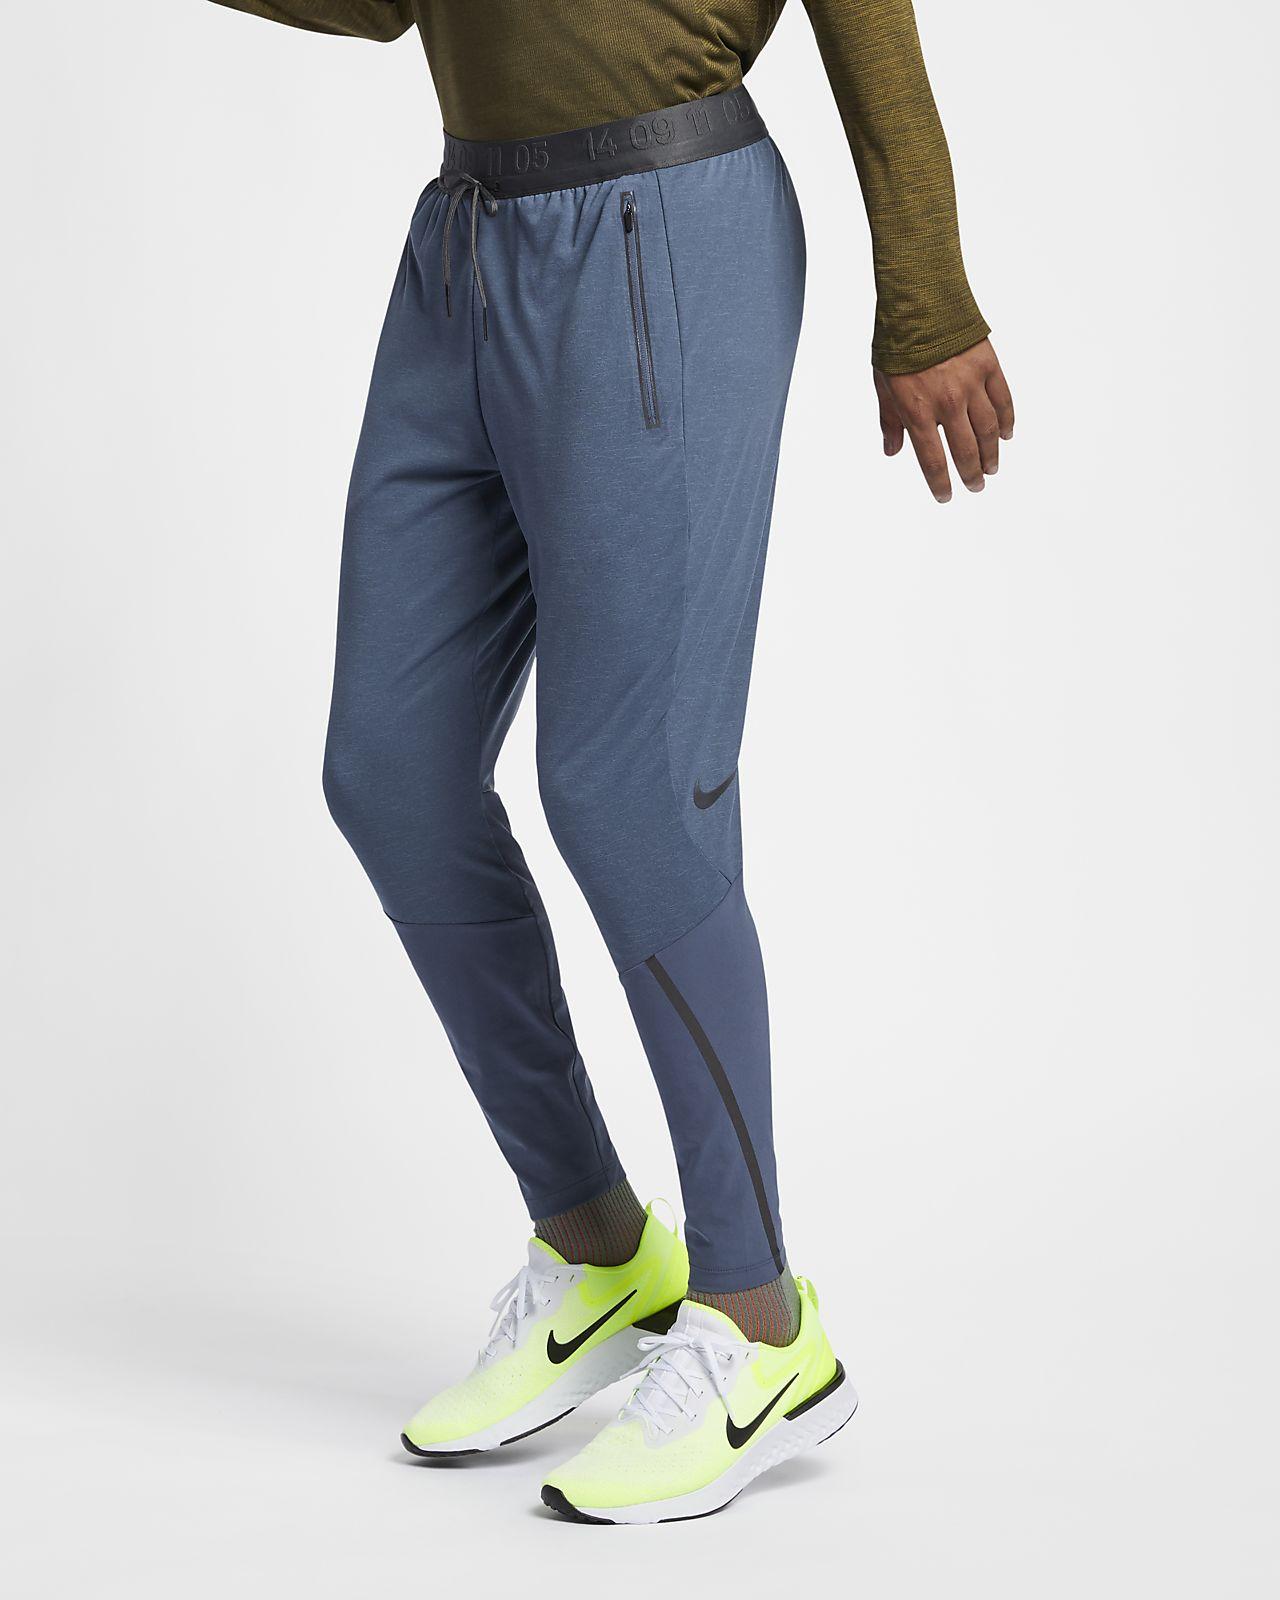 Nike Therma Sphere Tech Pack férfi futónadrág